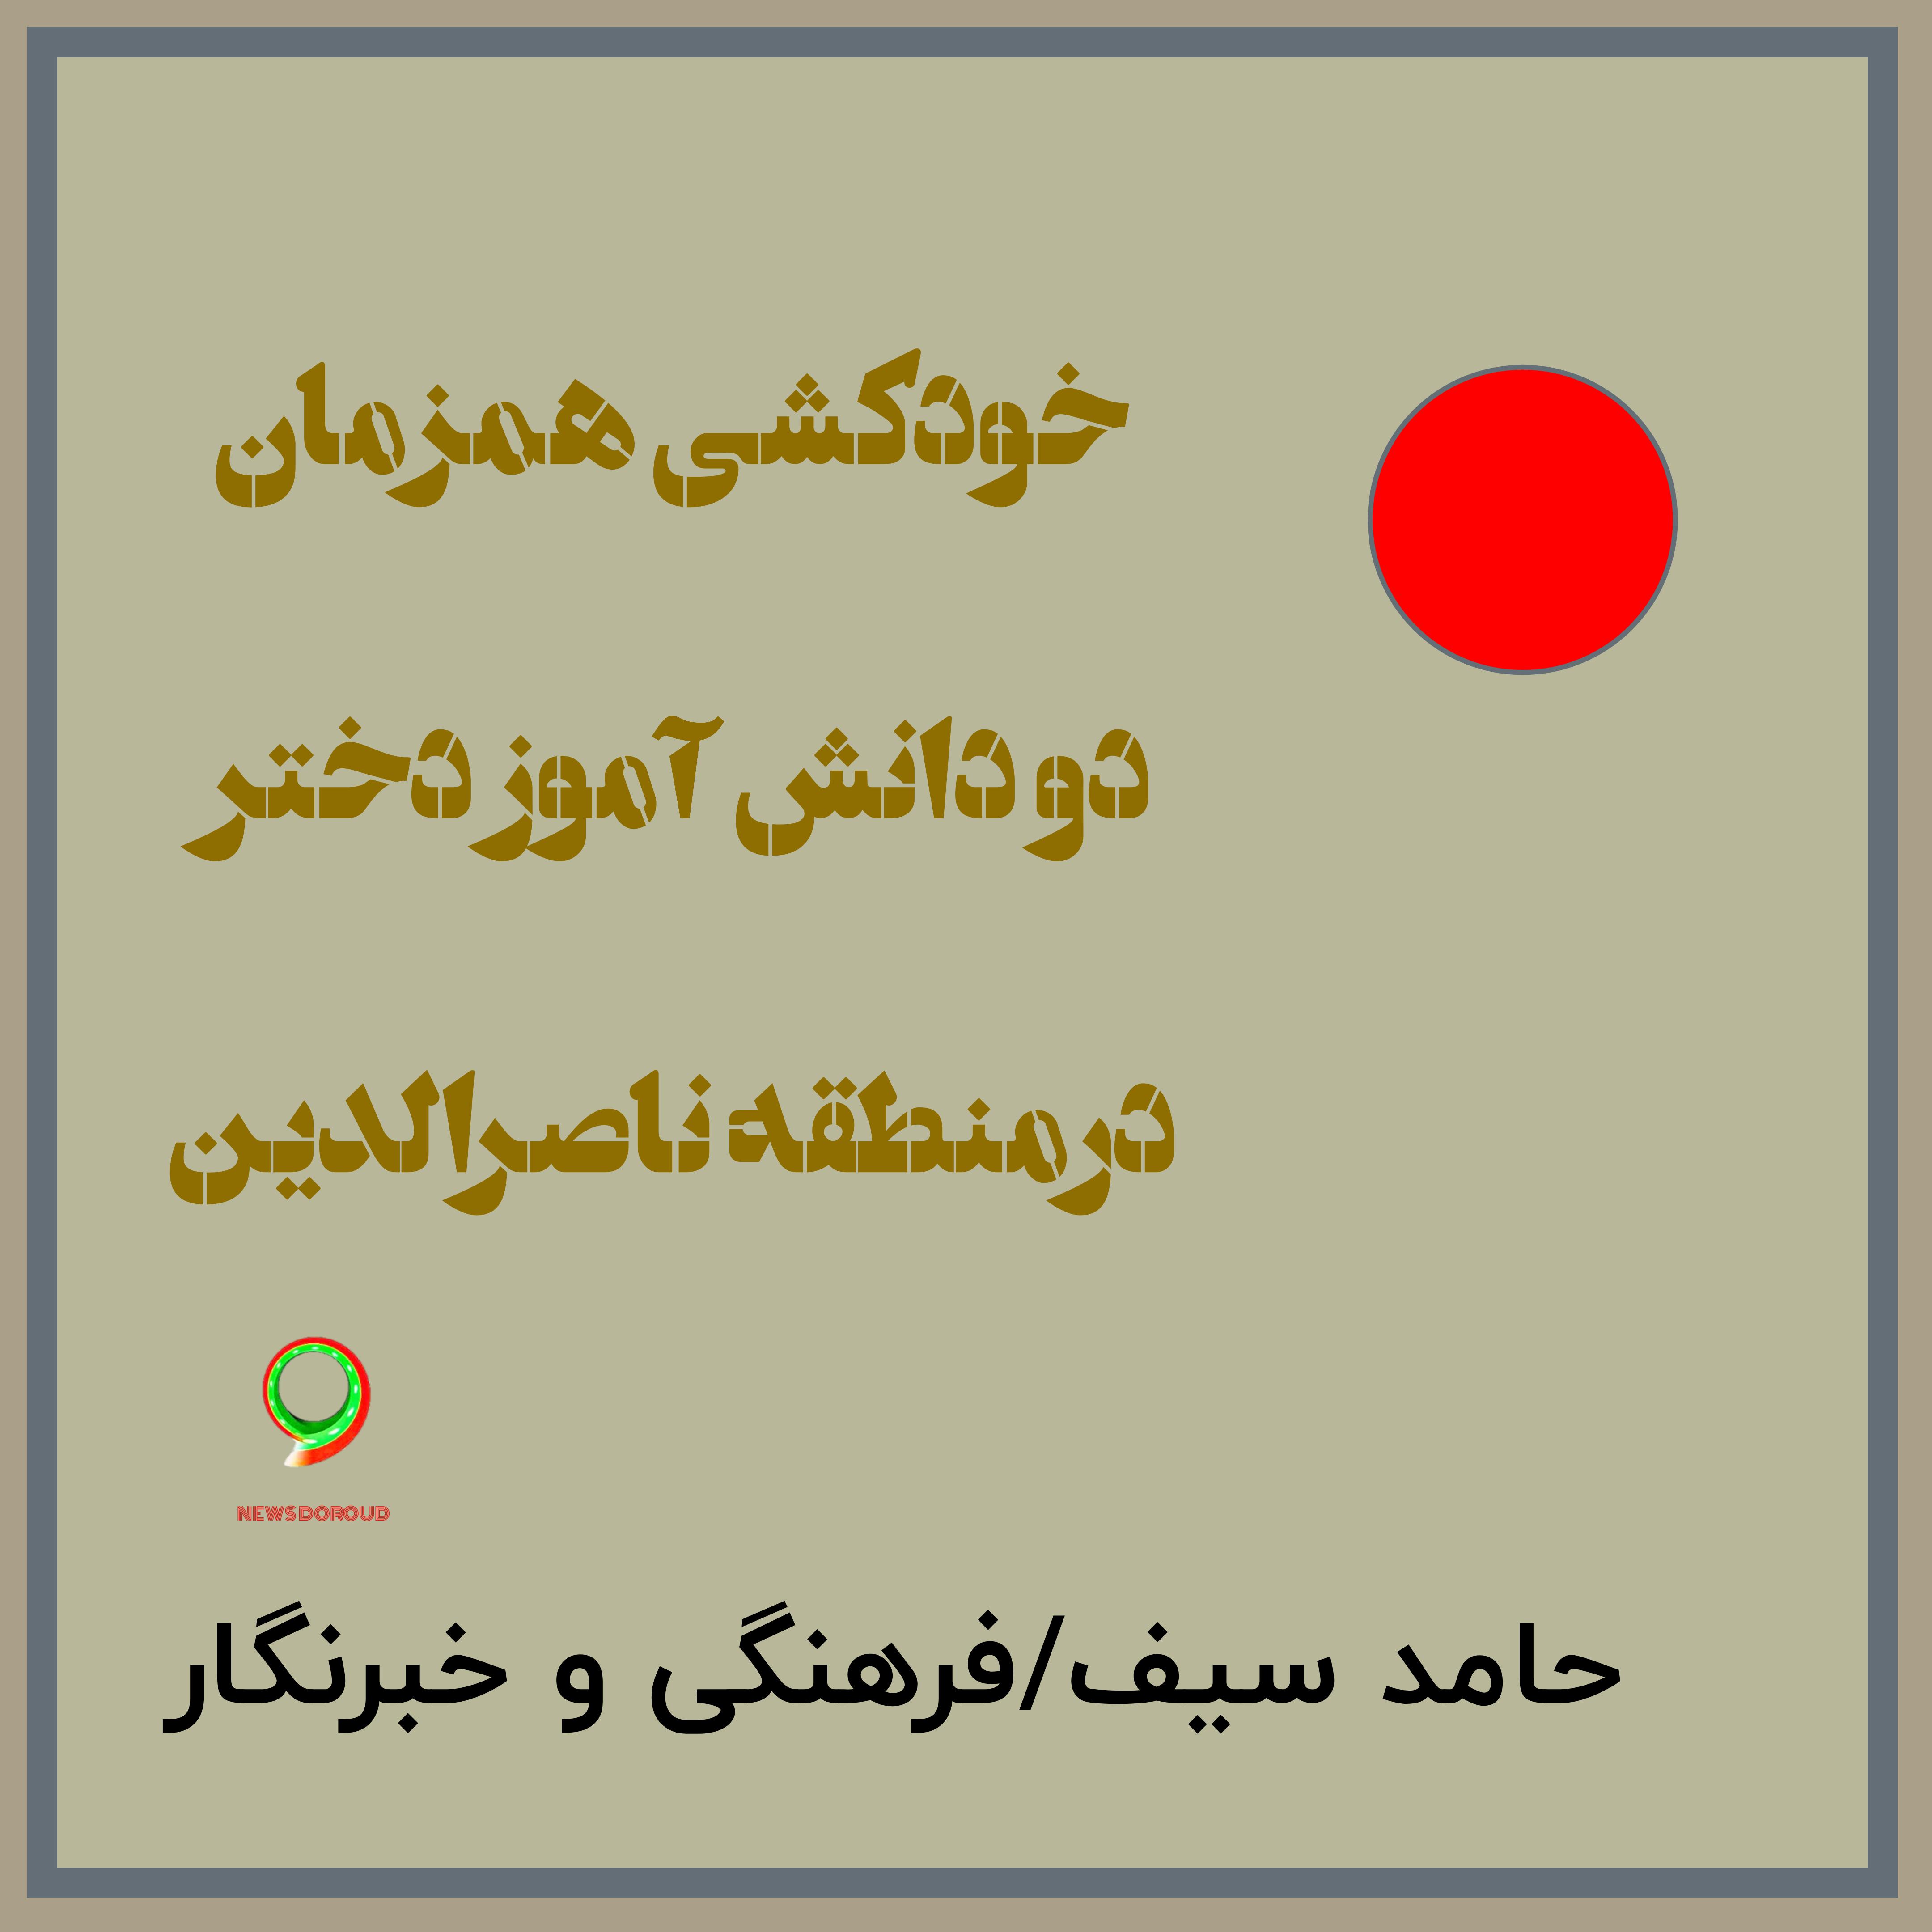 خودکشی دو دختر در منطقه ناصرالدین دورود